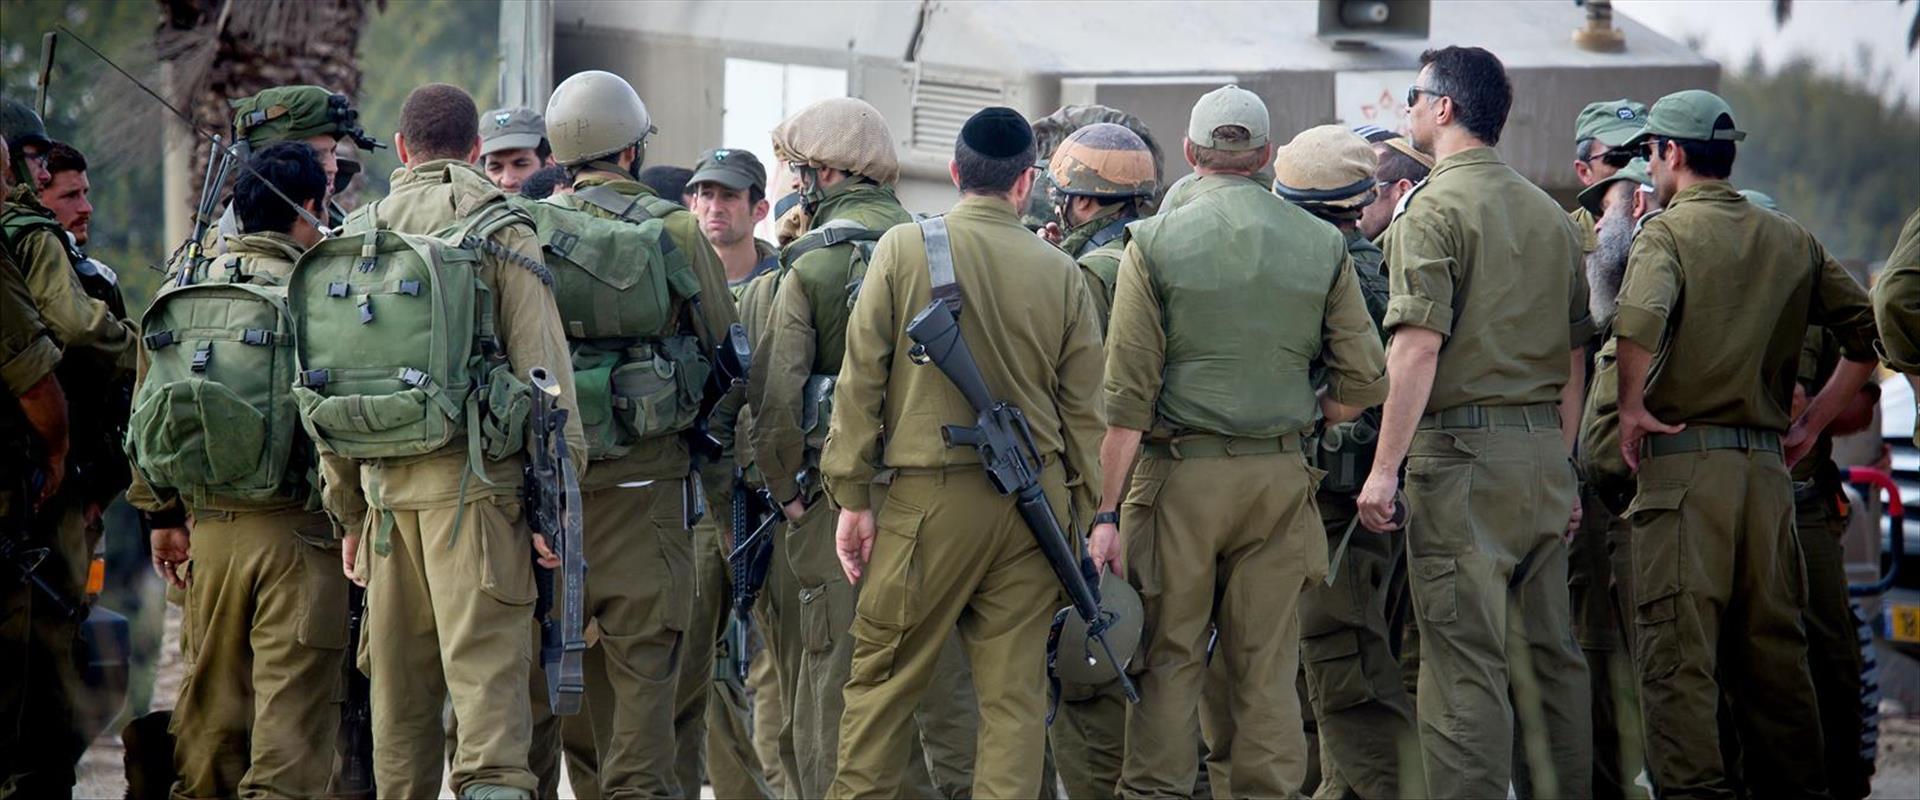 """פלסטינים בעזה בעימות עם כוחות צה""""ל, בסוף השבוע"""